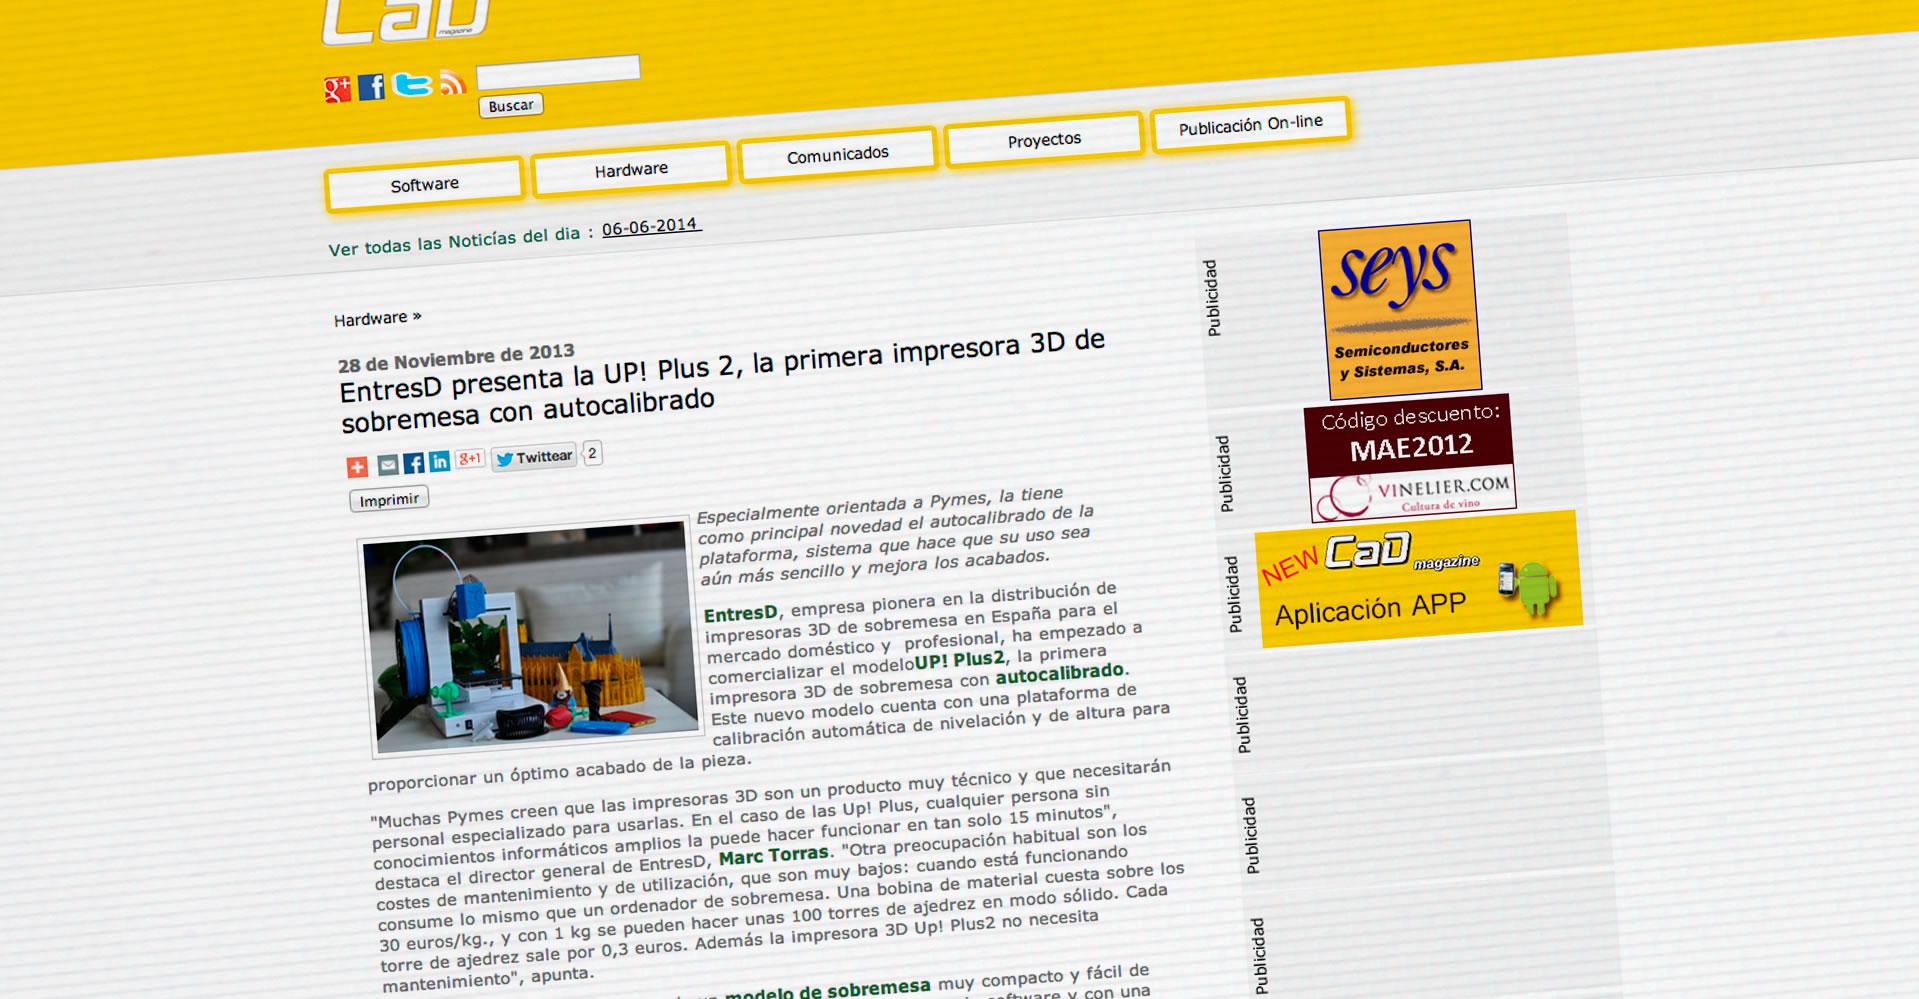 EntresD_presenta_la_UP__Plus_2__la_primera_impresora_3D_de_sobremesa_con_autocalibrado